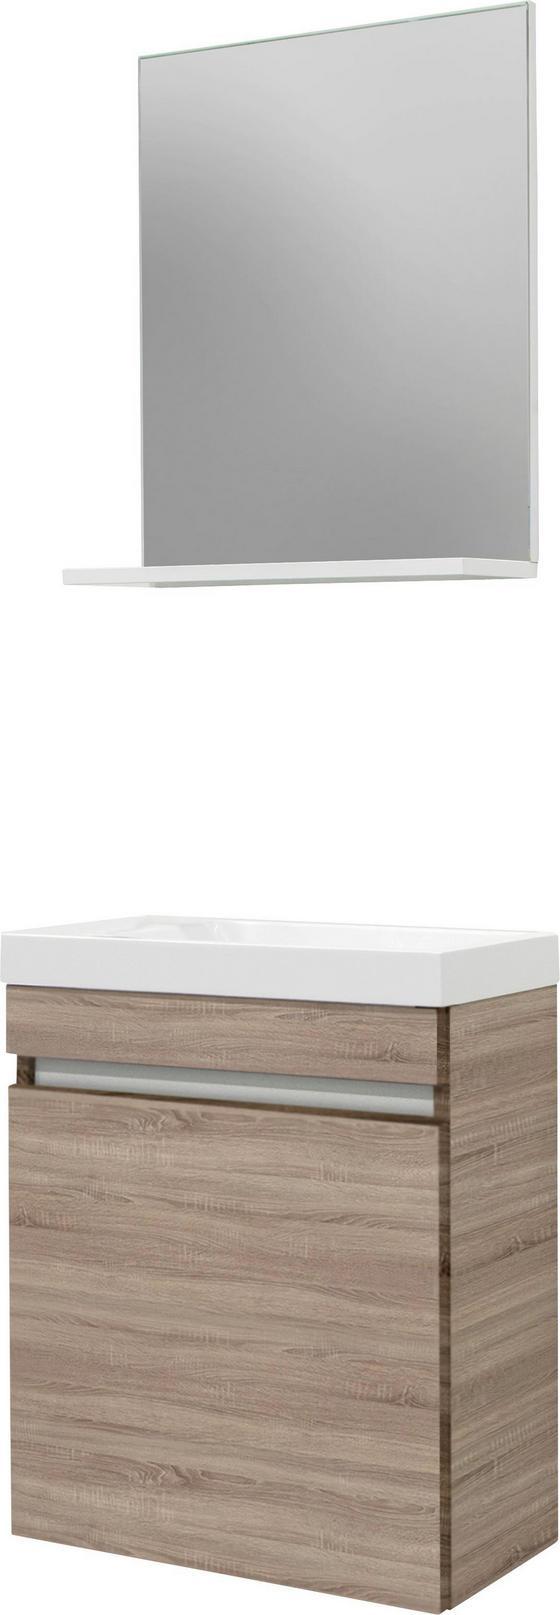 BADEZIMMER Slim Eiche - Eichefarben/Weiß, MODERN, Holzwerkstoff (48/25cm)